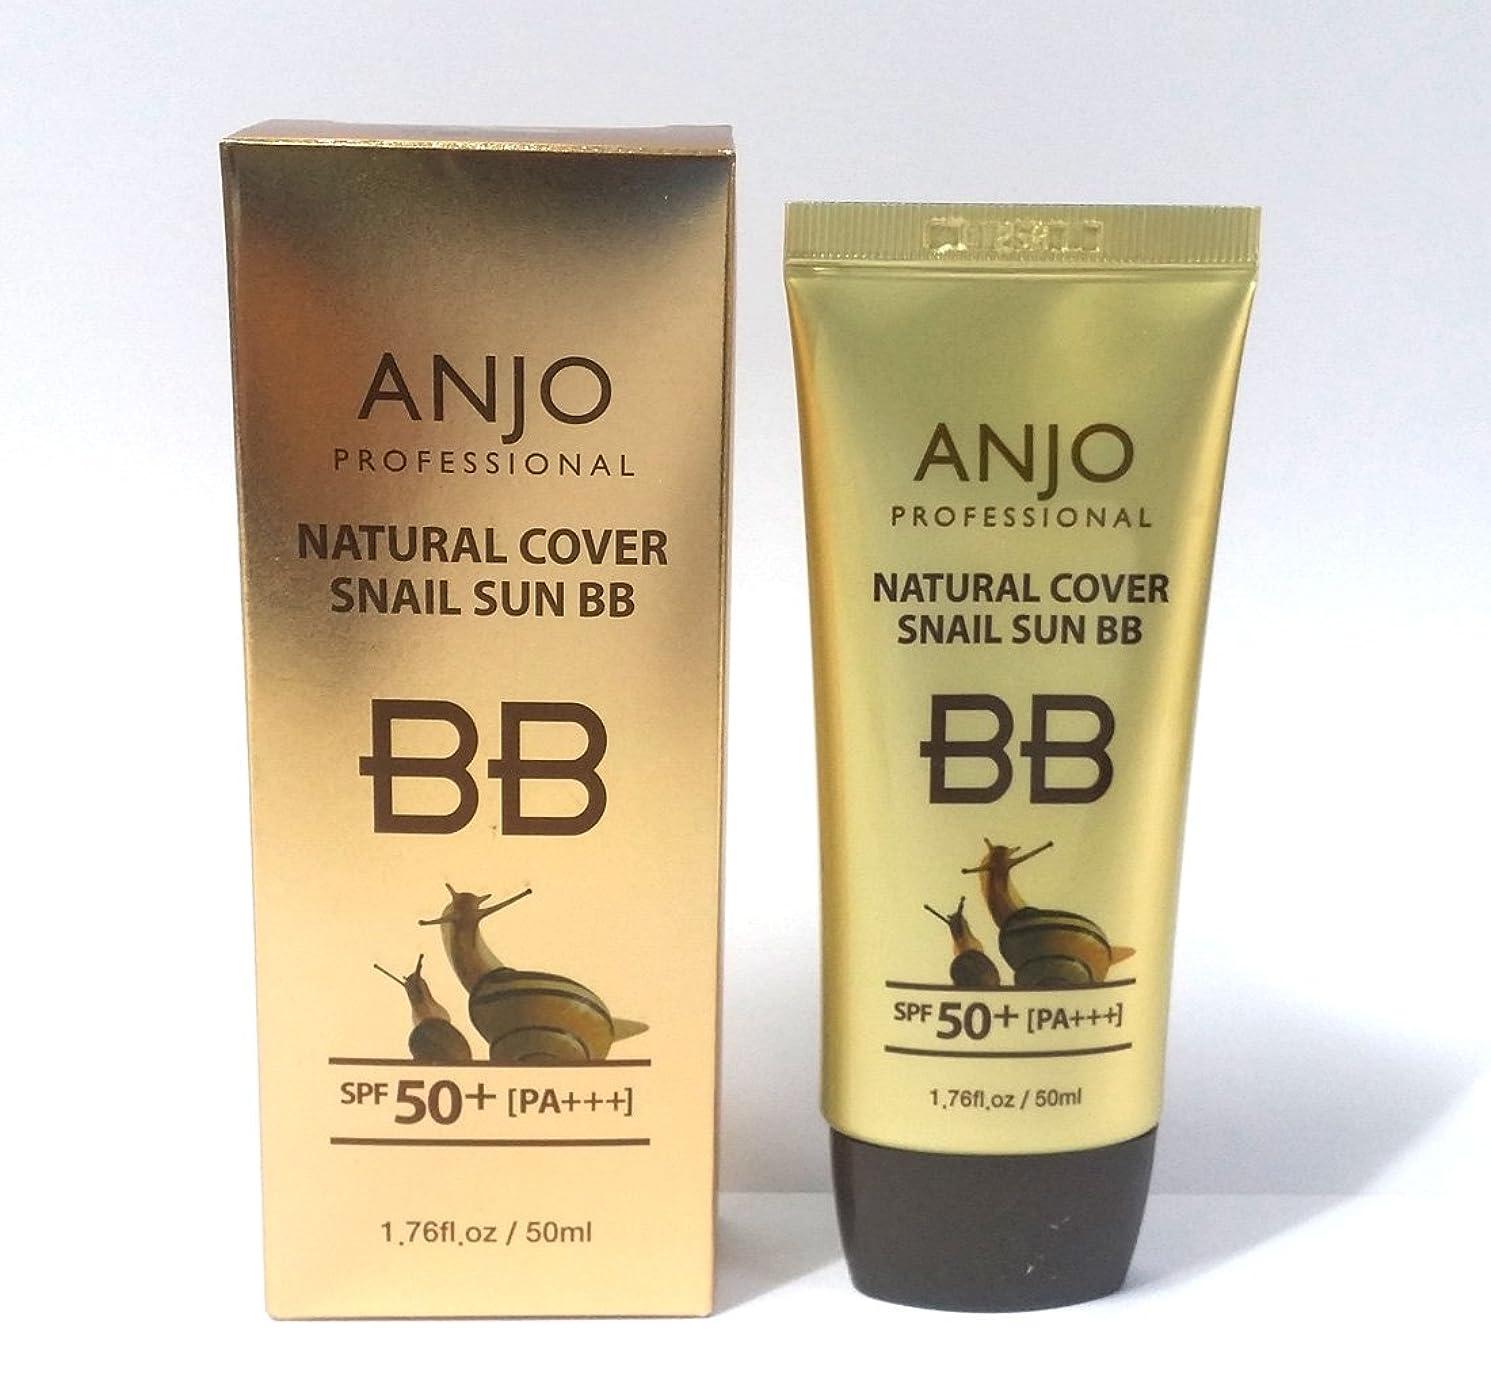 楕円形群集マラソン[ANJO] ナチュラルカバーカタツムリサンBBクリームSPF 50 + PA +++ 50ml X 3EA /メイクアップベース/カタツムリ粘液 / Natural Cover Snail Sun BB Cream SPF 50+PA+++ 50ml X 3EA / Makeup Base / Snail Mucus / 韓国化粧品 / Korean Cosmetics [並行輸入品]